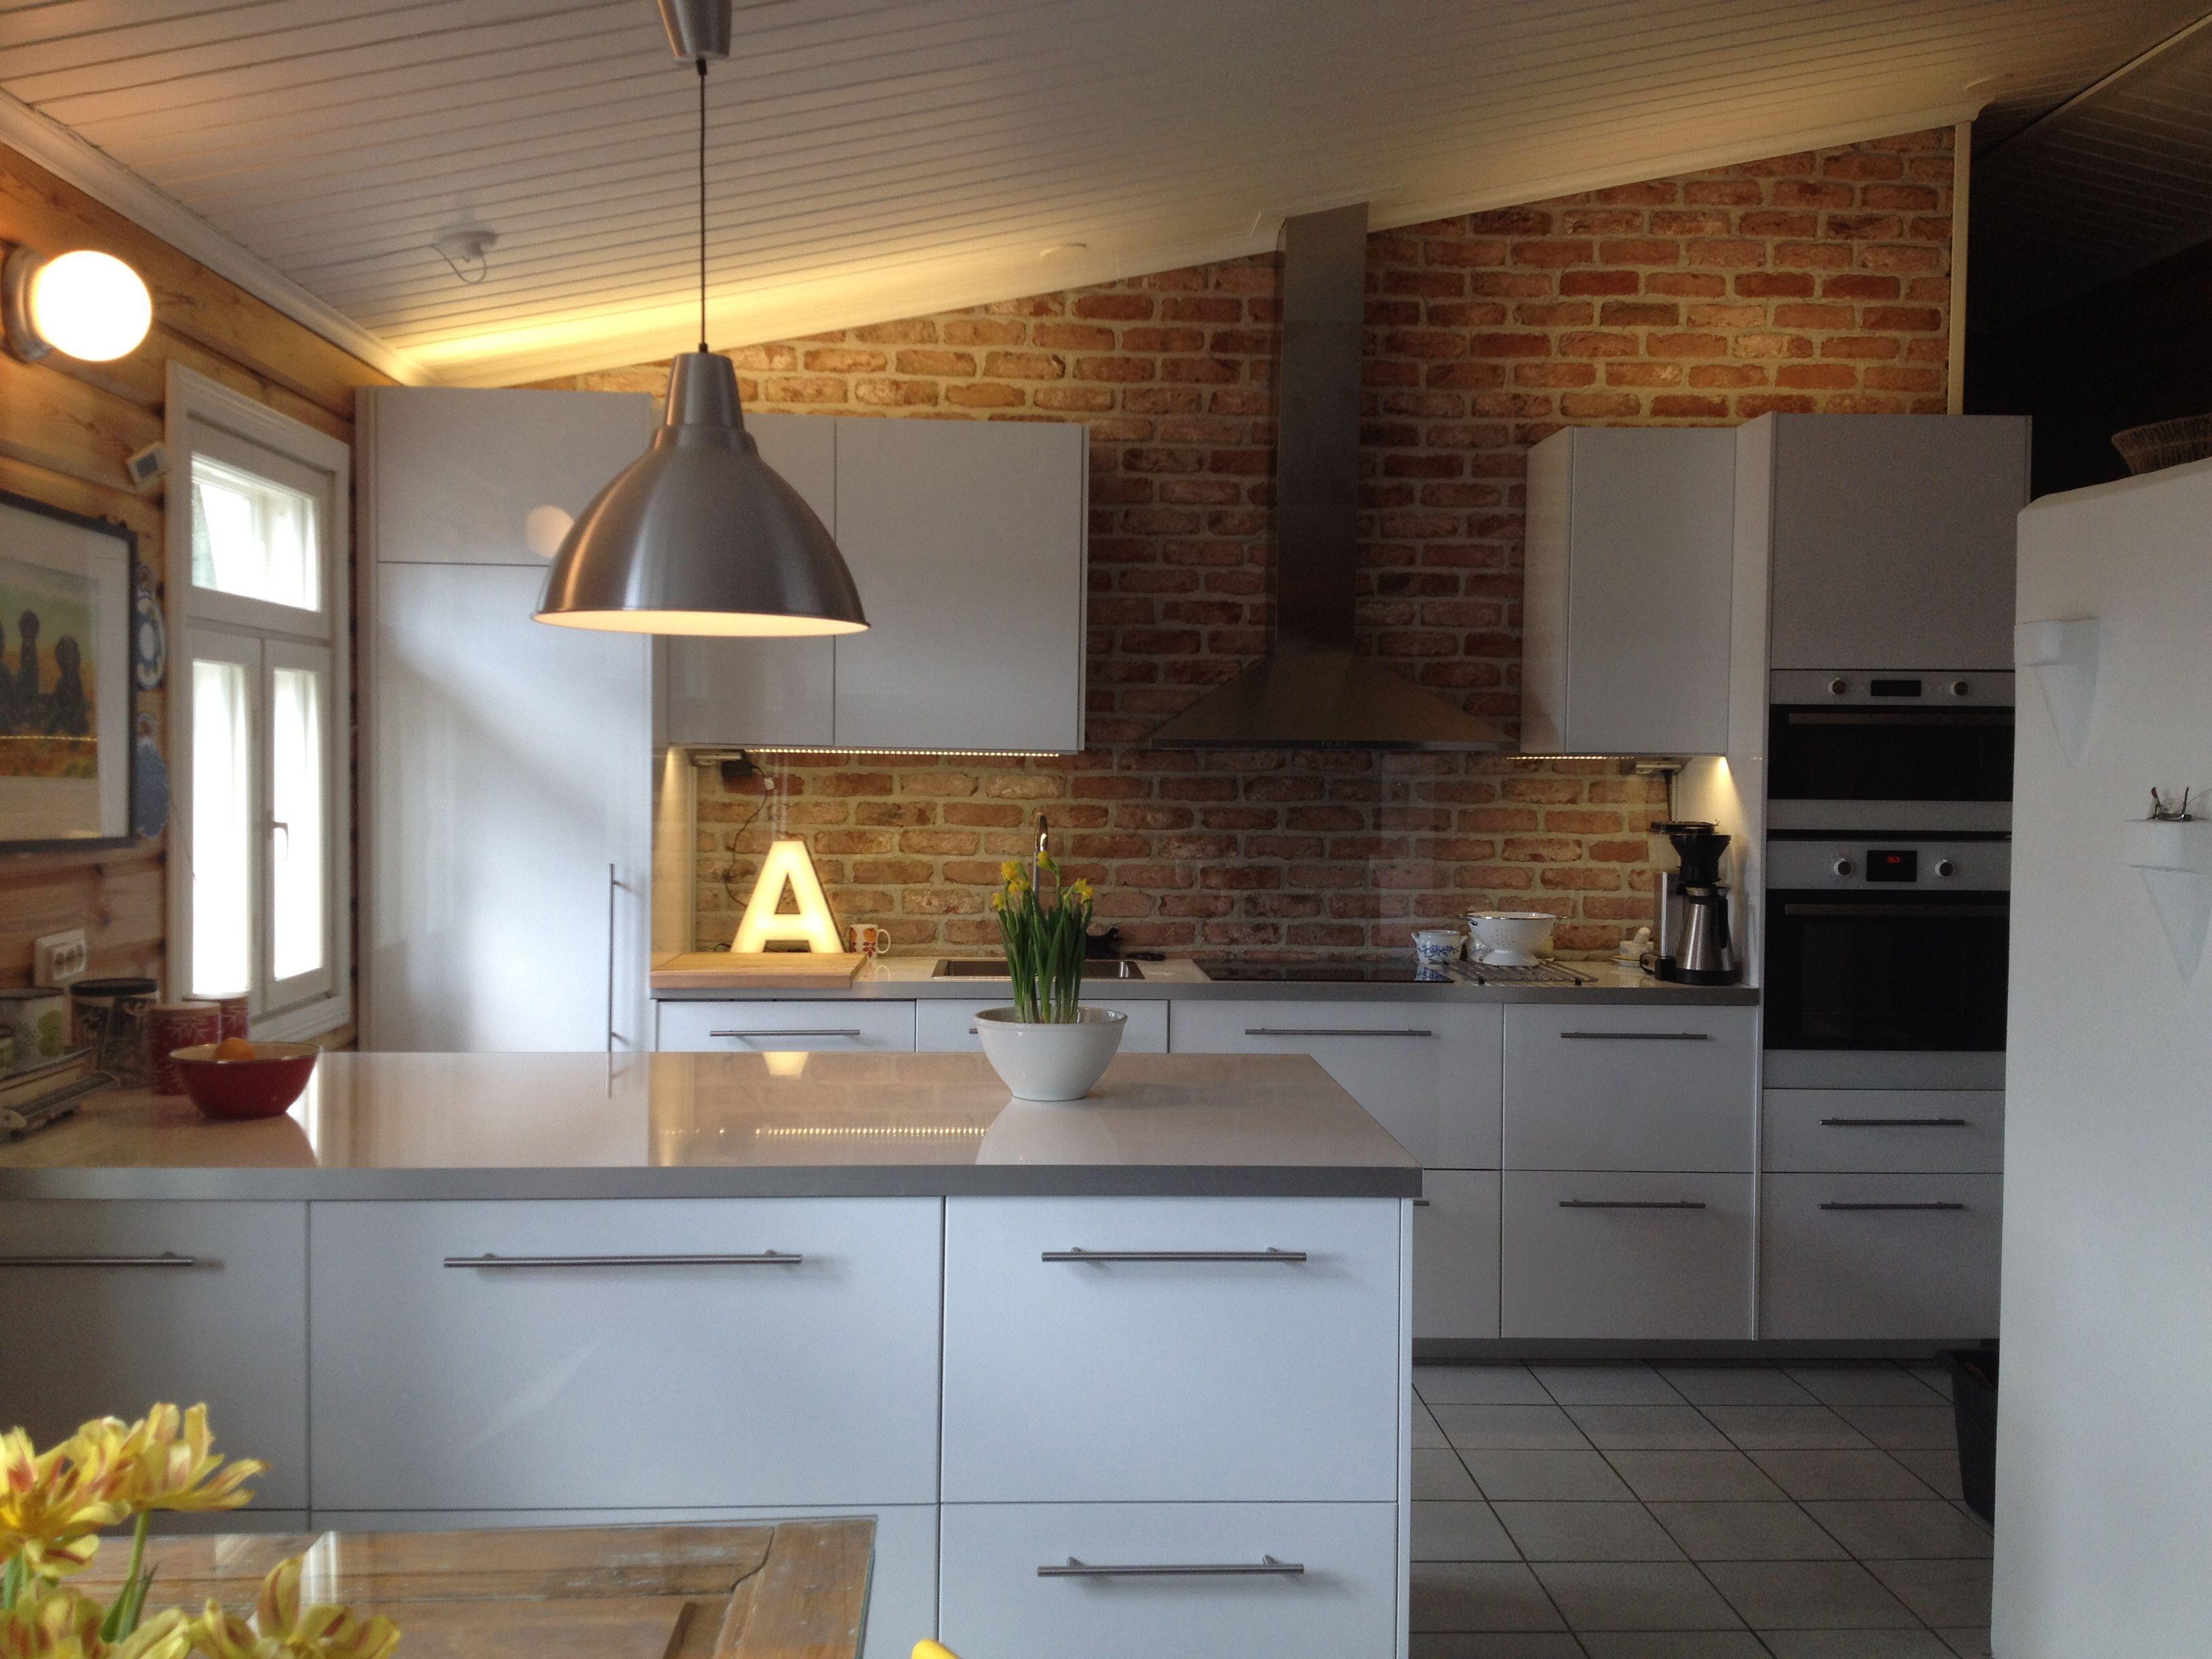 Tiiliseinä lisää luonnetta selkeälinjaisessa keittiössä. #etuovisisustus #keittiö